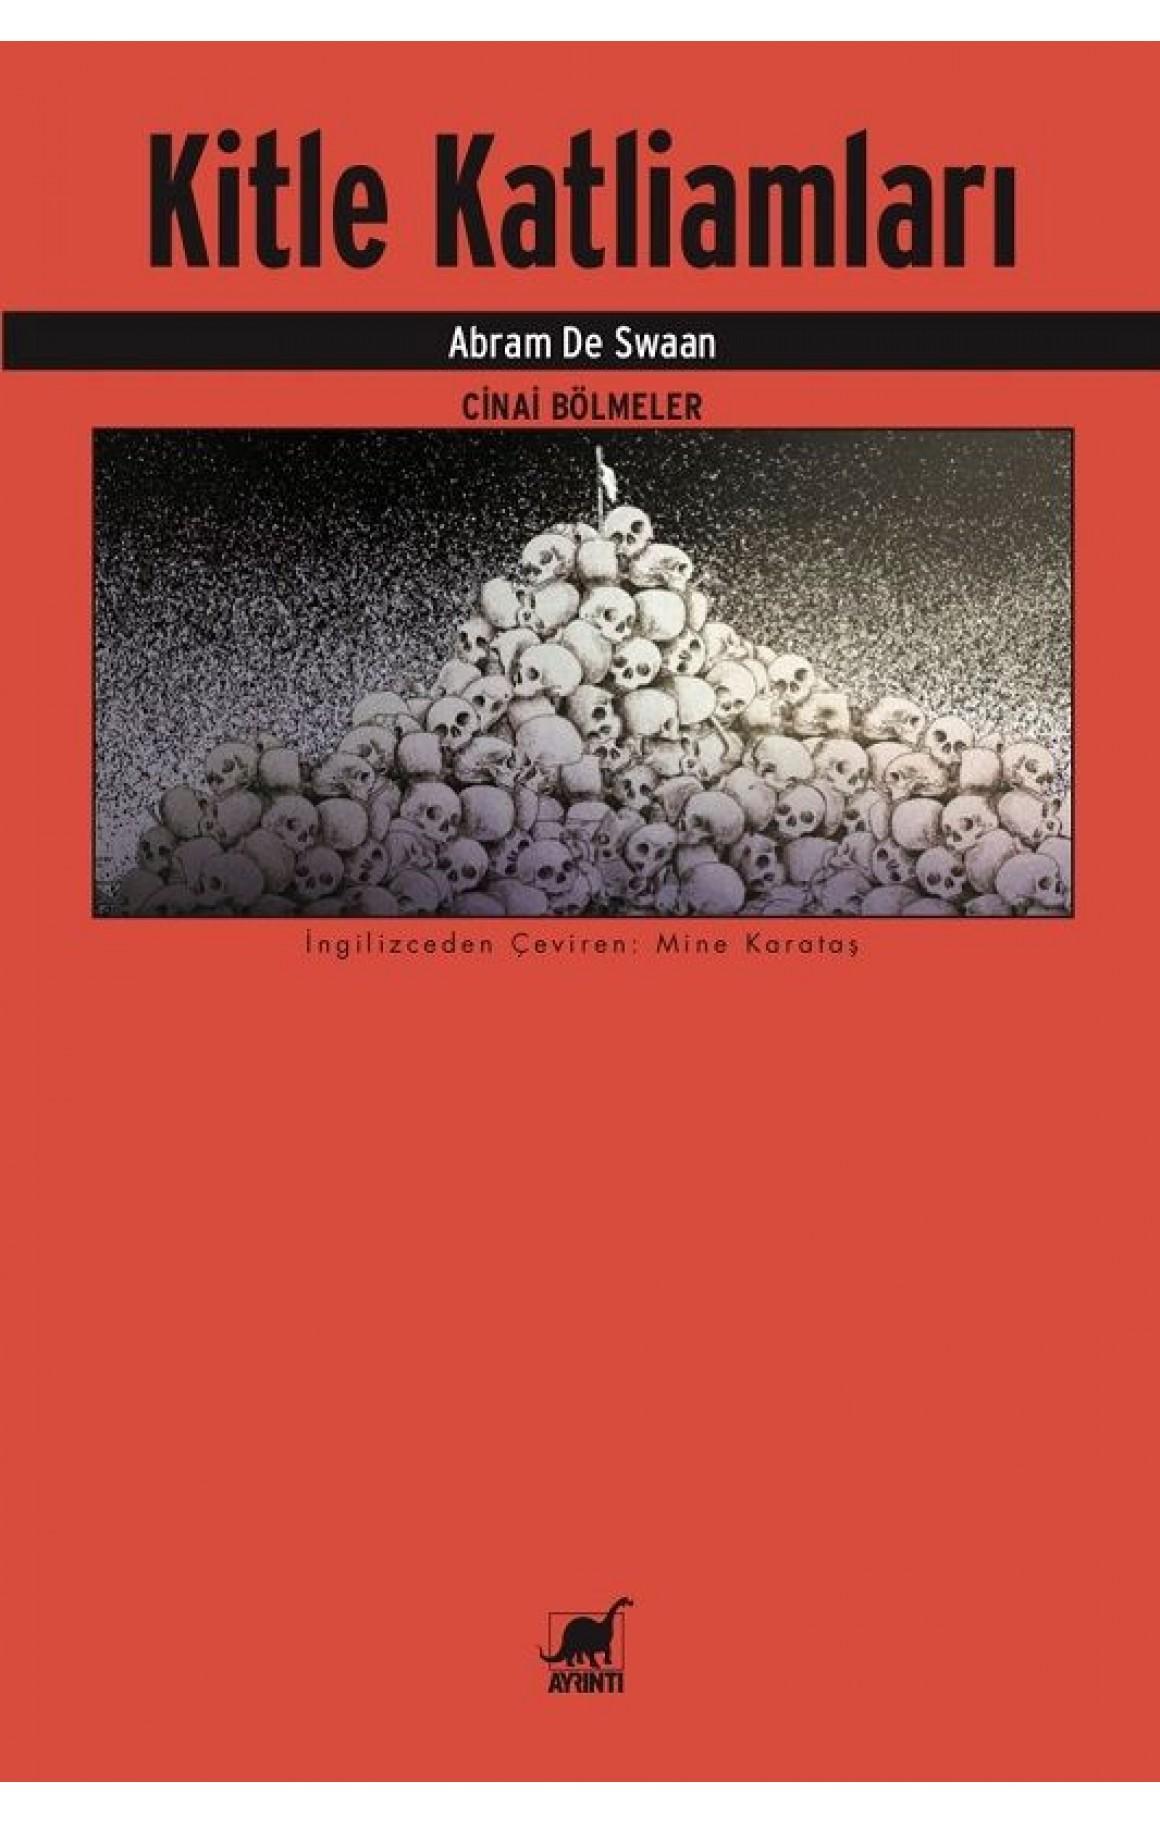 Kitle Katliamları-Cinai Bölmeler